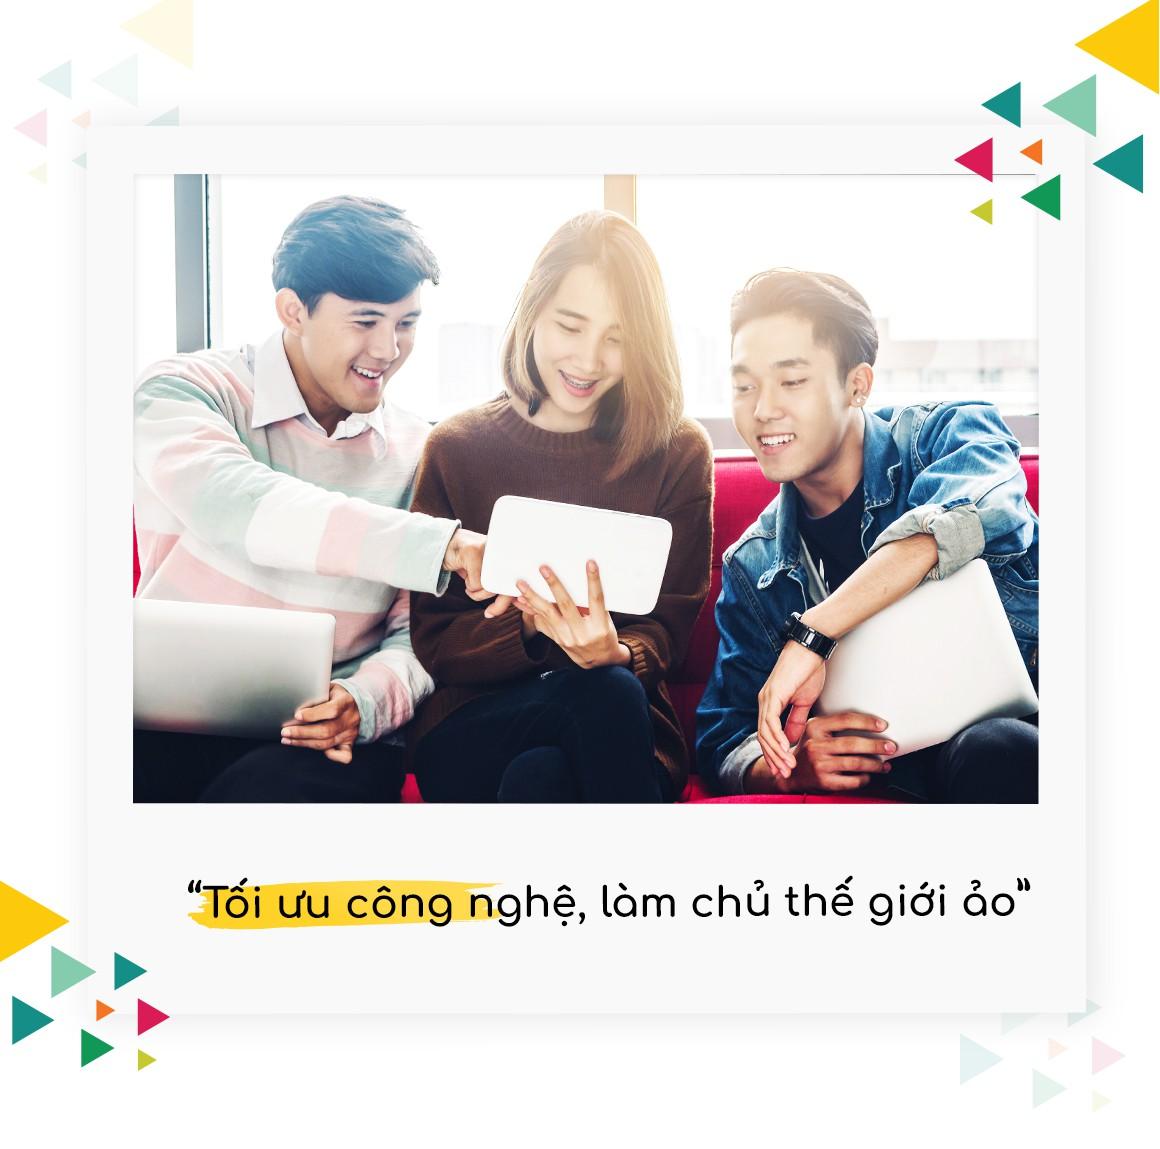 GenZ Việt đang tự đổi mới mình như thế nào? - Ảnh 3.